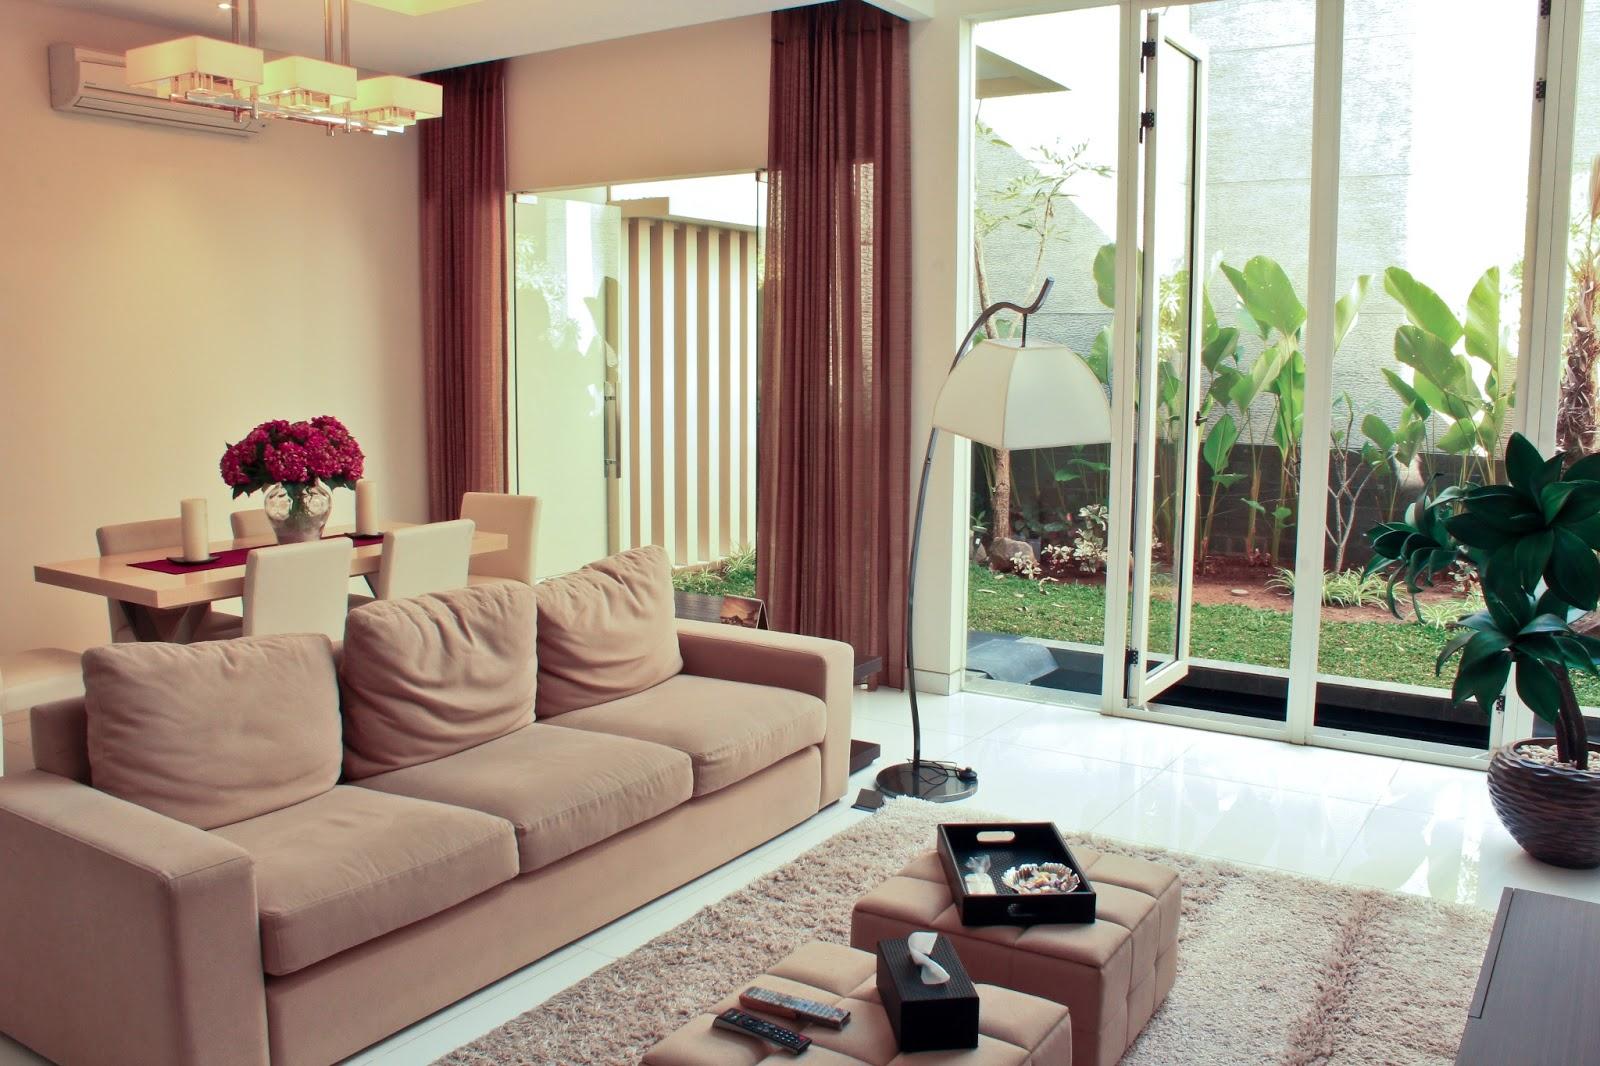 Contoh2 Ruang Keluarga Yang Cantik  Rumah Taman Cantik Blog